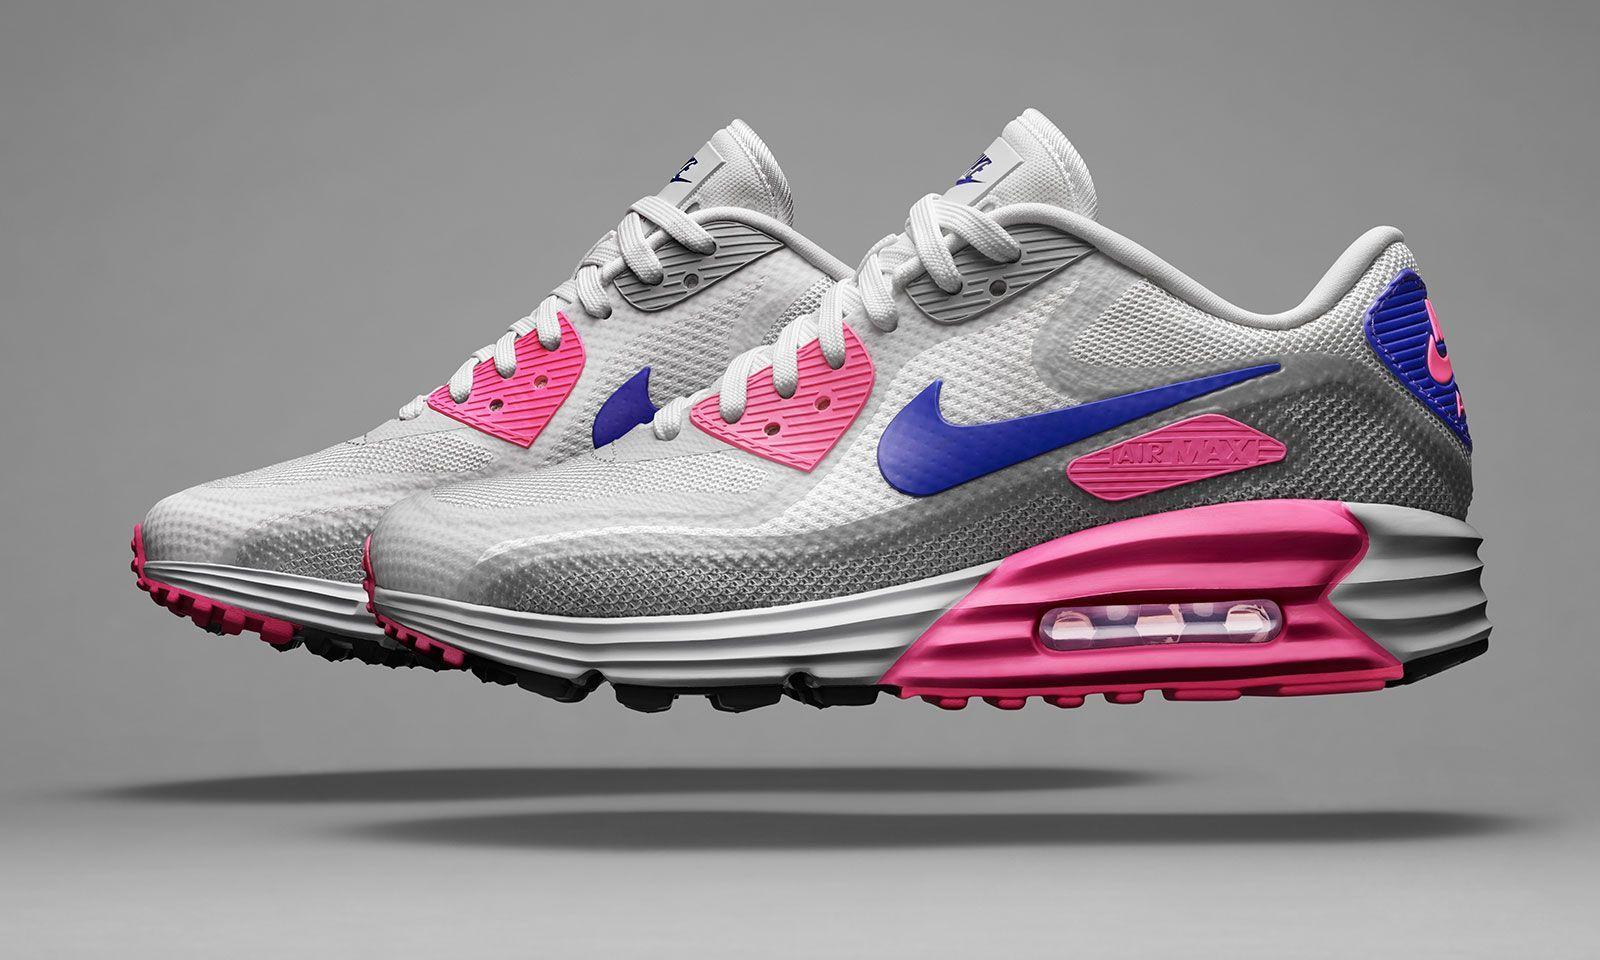 nike air max lunarlon 90 womens | Nike air, Nike air max